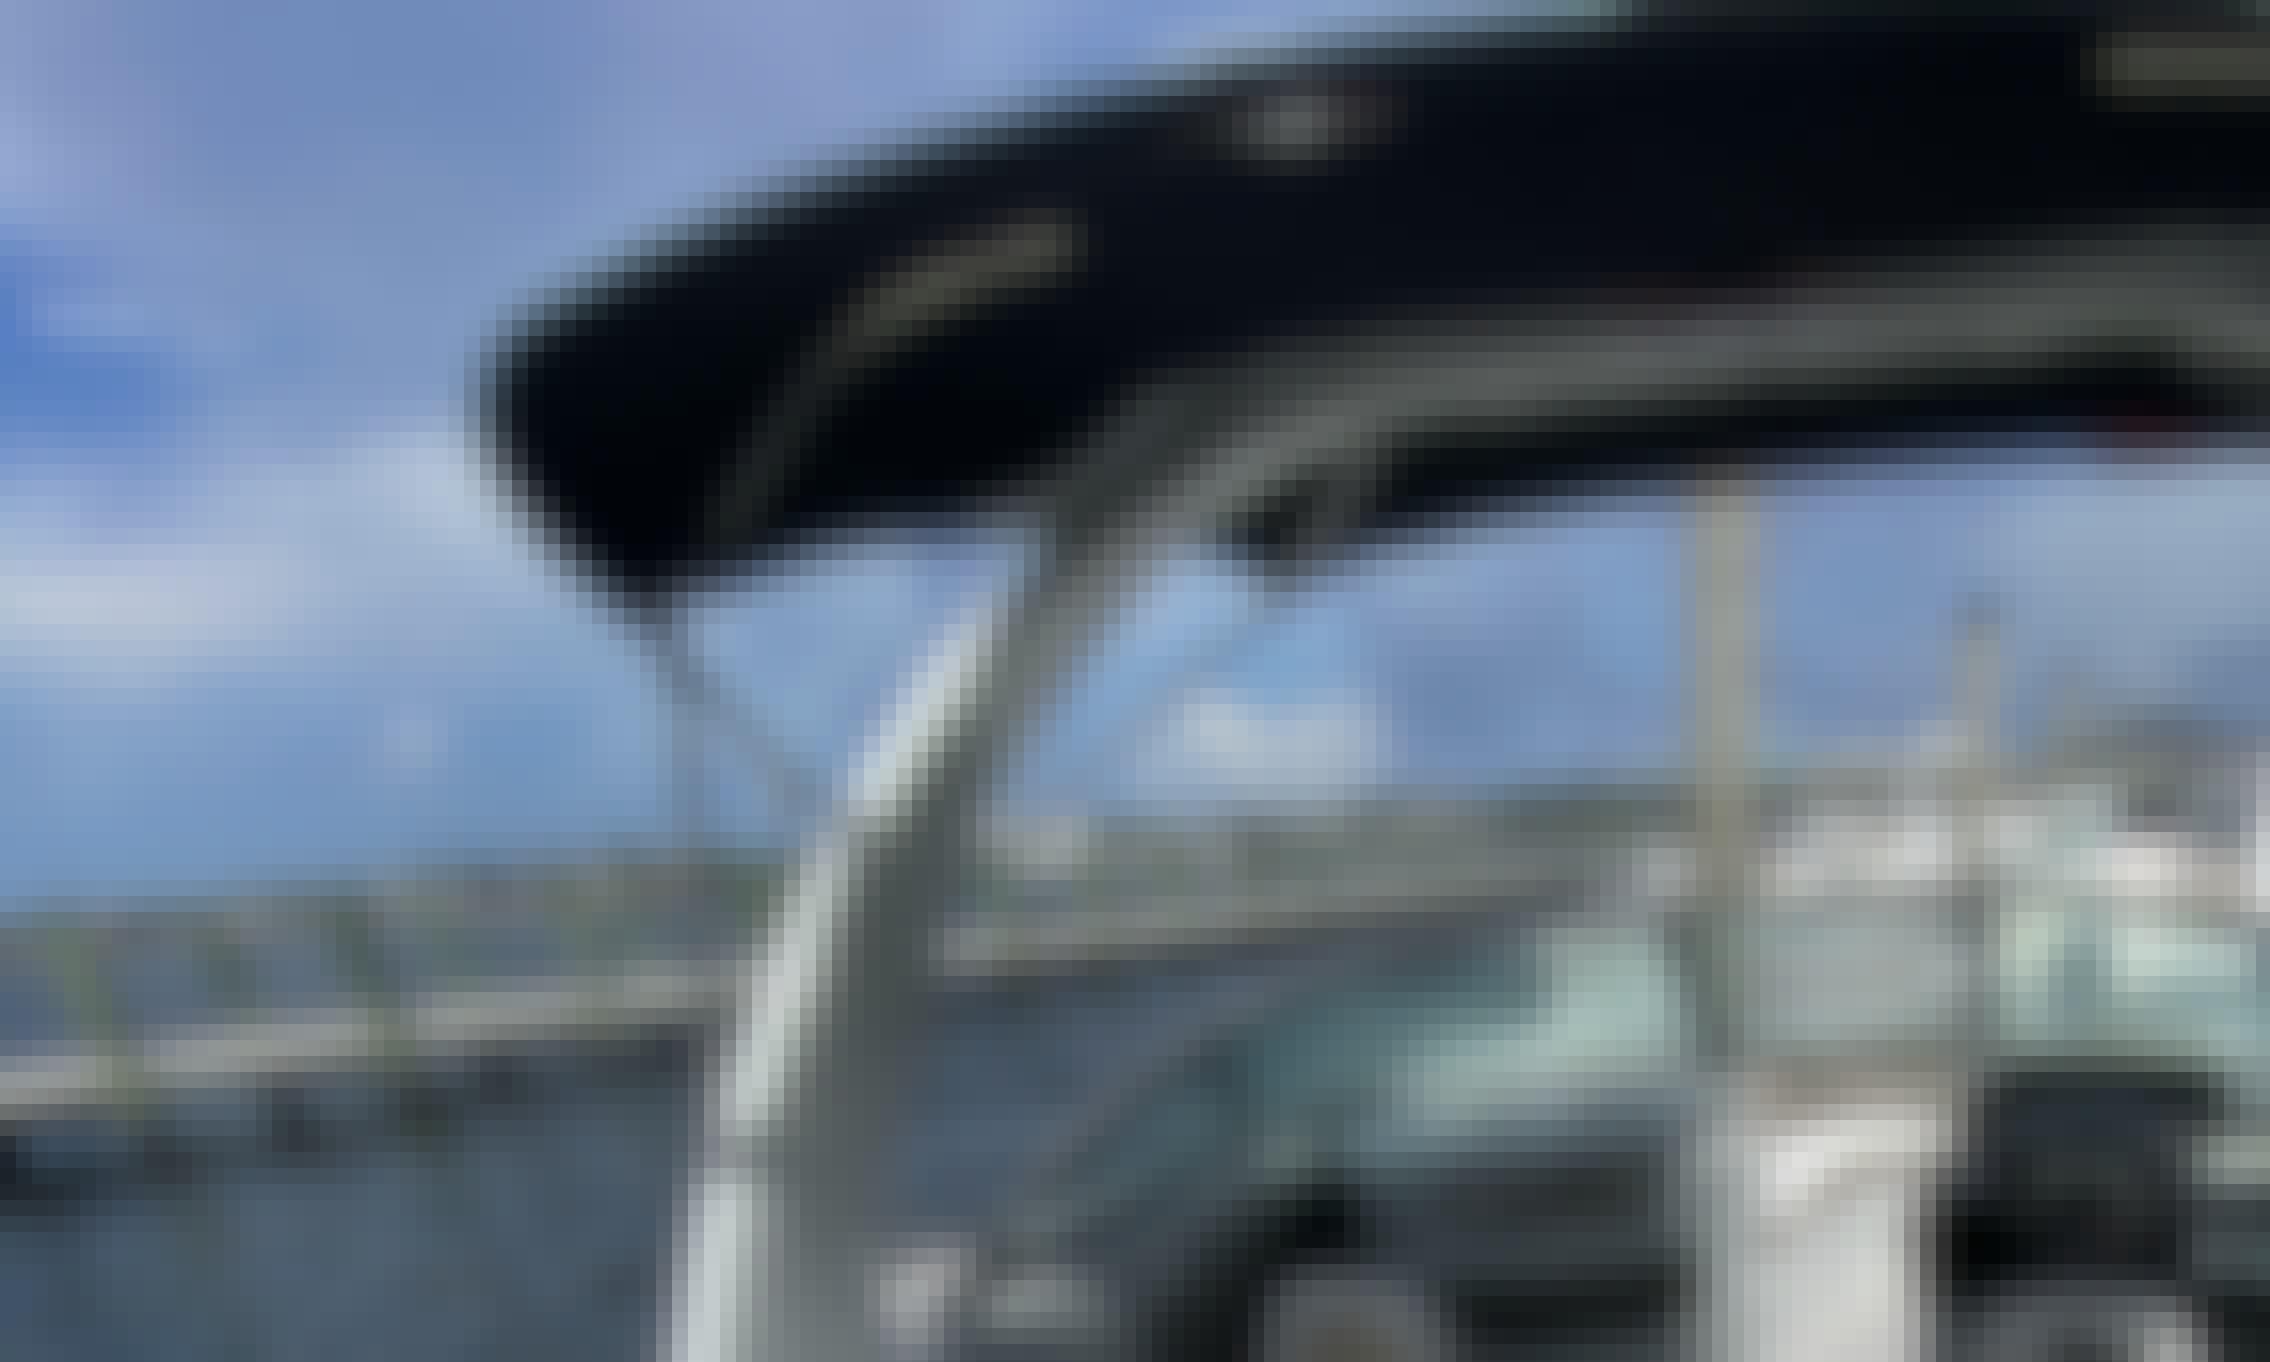 Brand New 29' Crownline 290 XSS Bowrider in Hypoluxo Florida !!